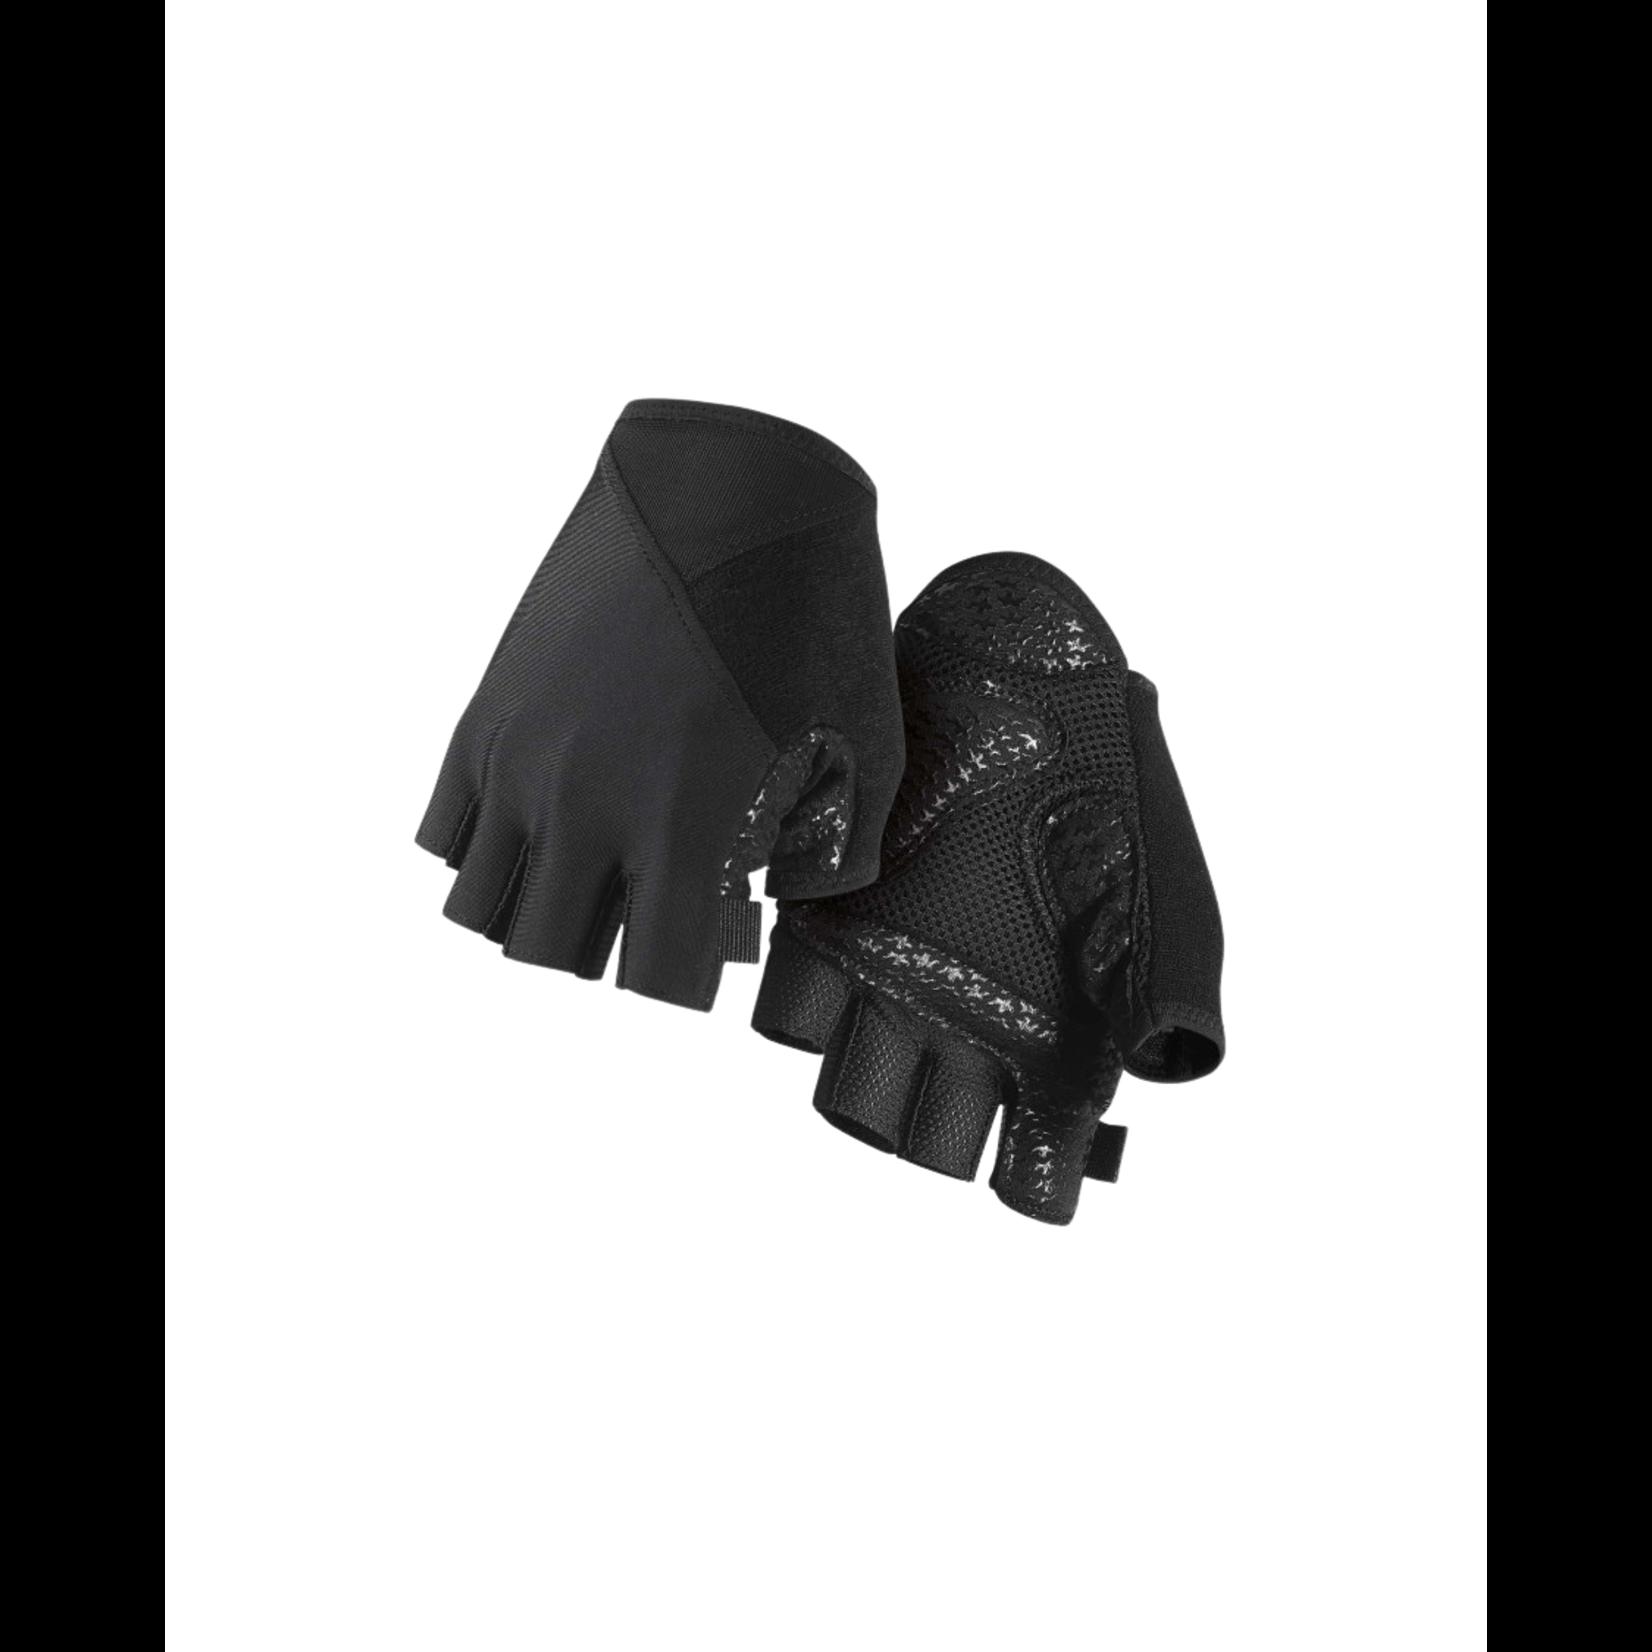 Assos Assos S7 Summer Glove Men's